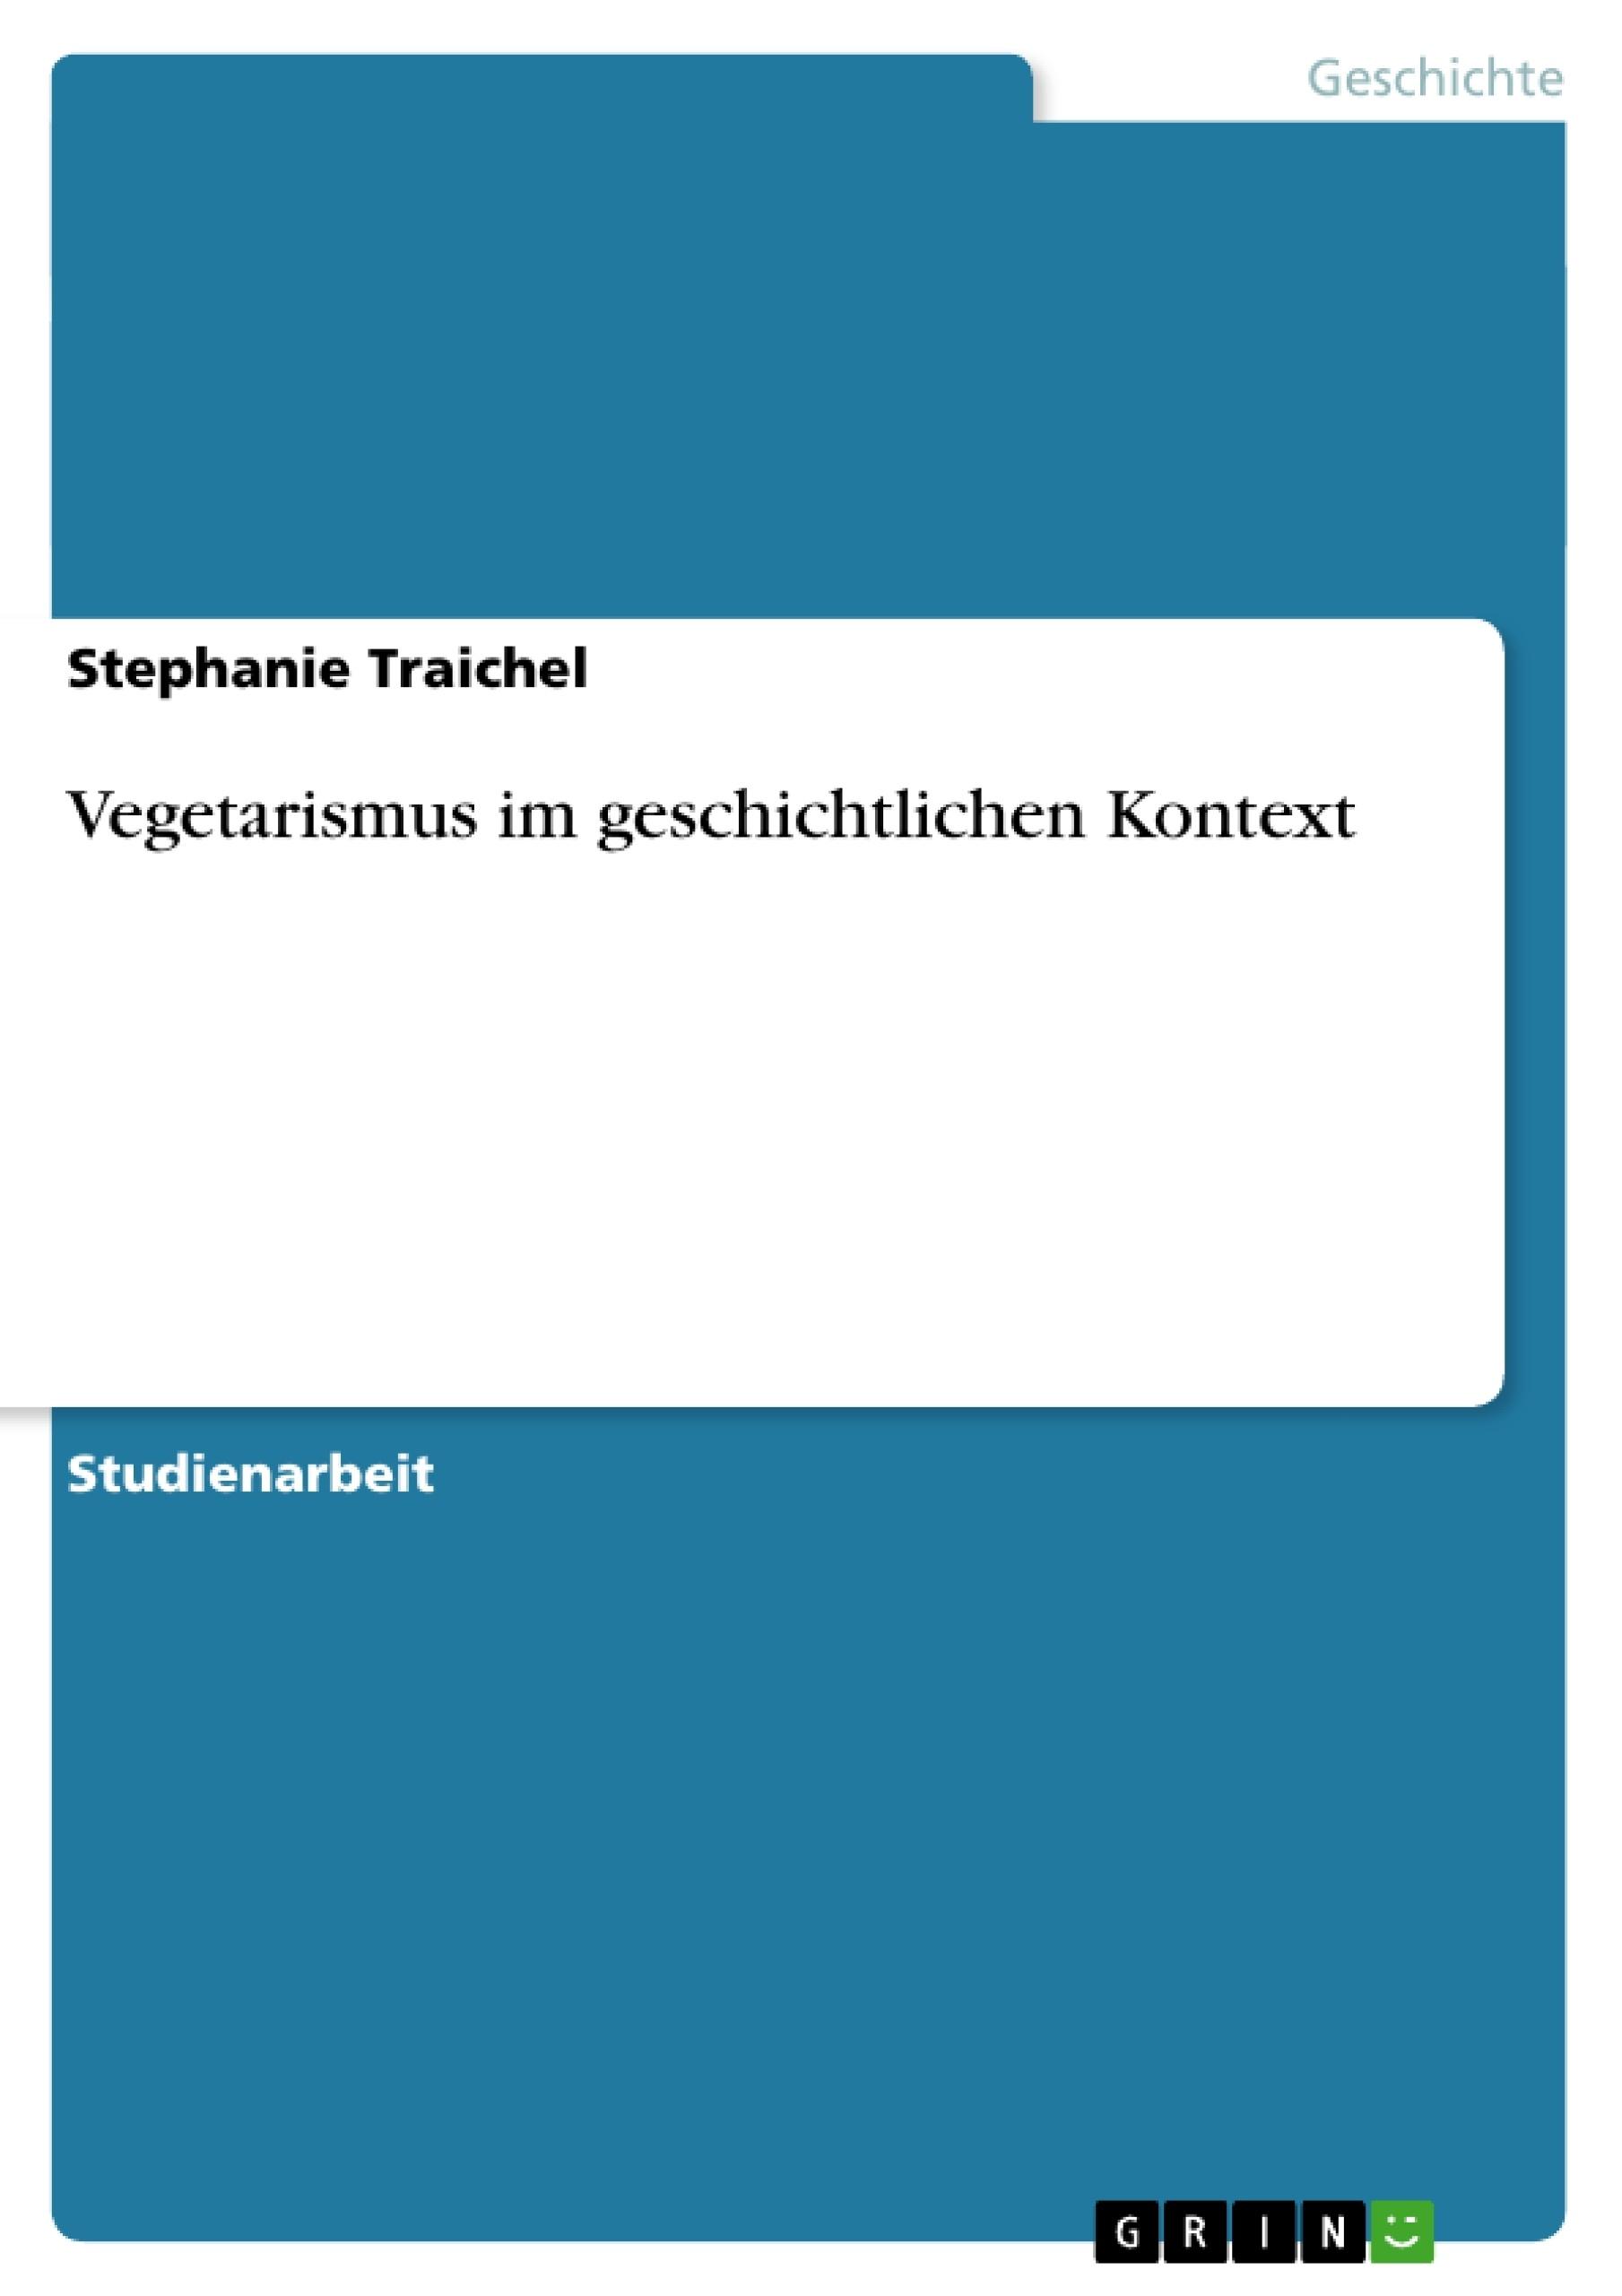 Titel: Vegetarismus im geschichtlichen Kontext